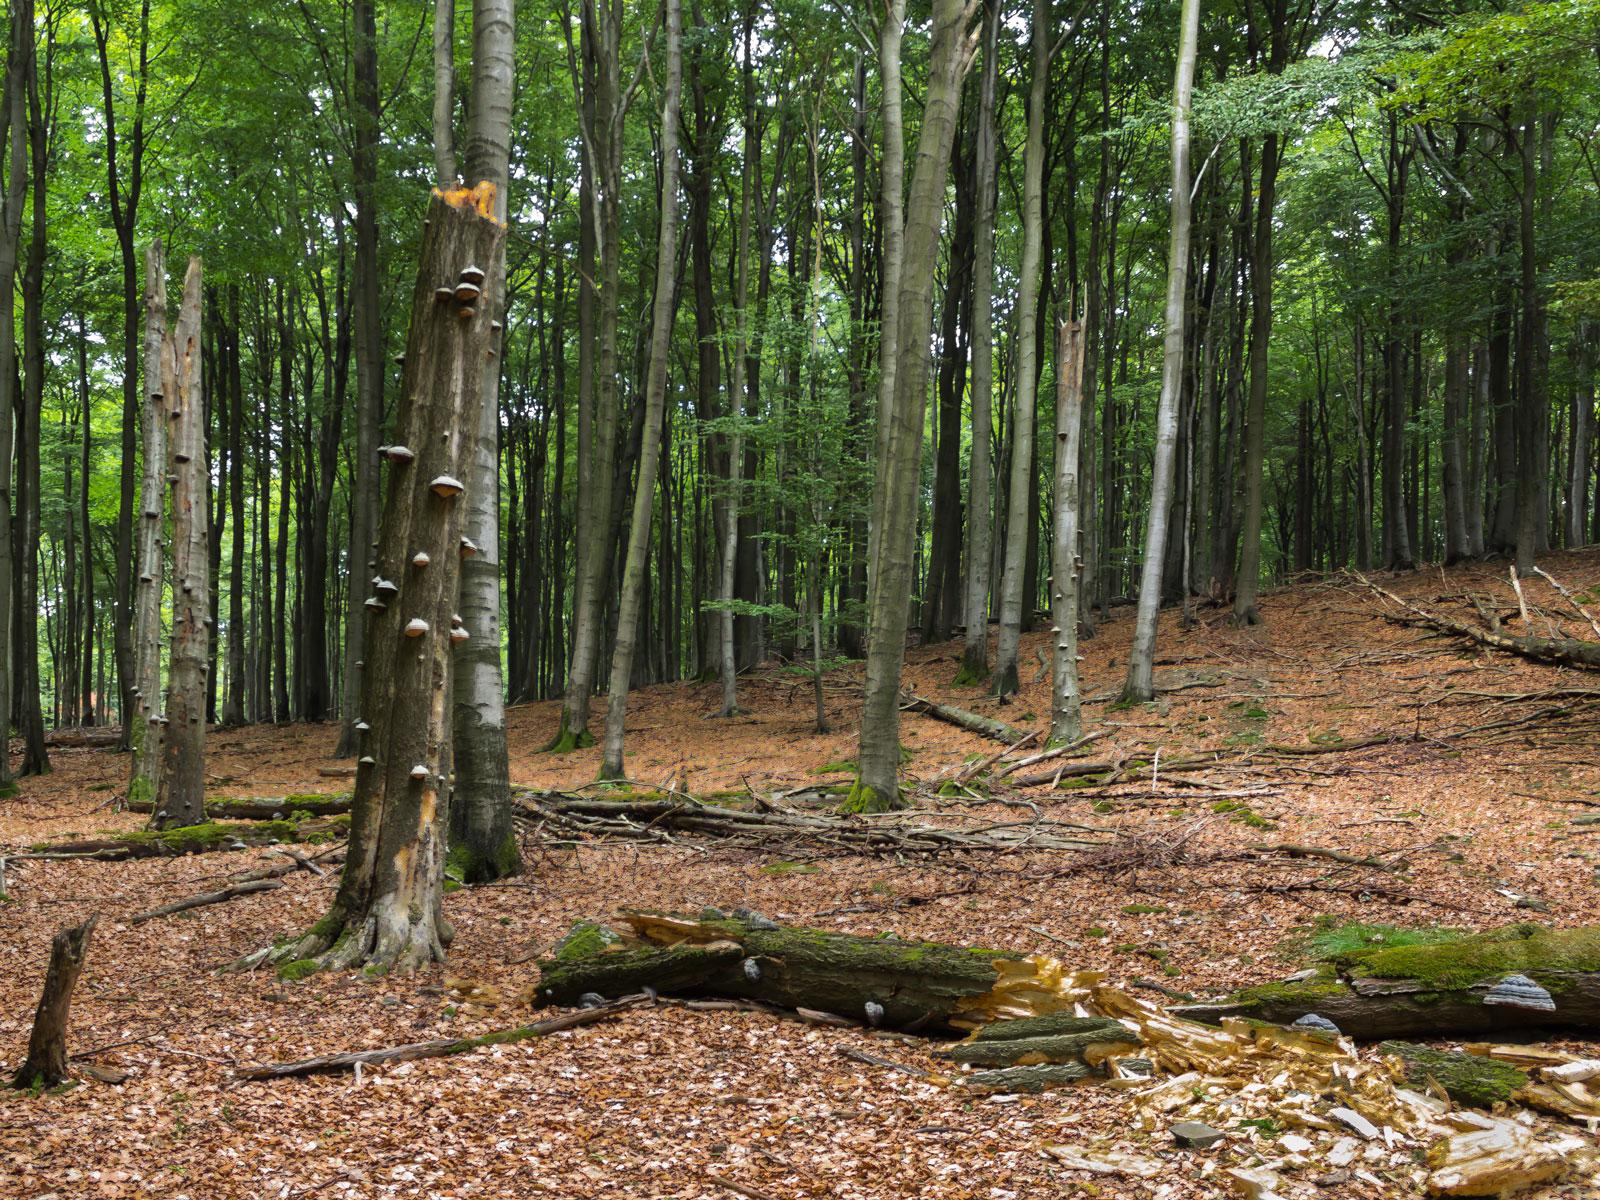 5 stehende Biotopbäume, eng beieinander